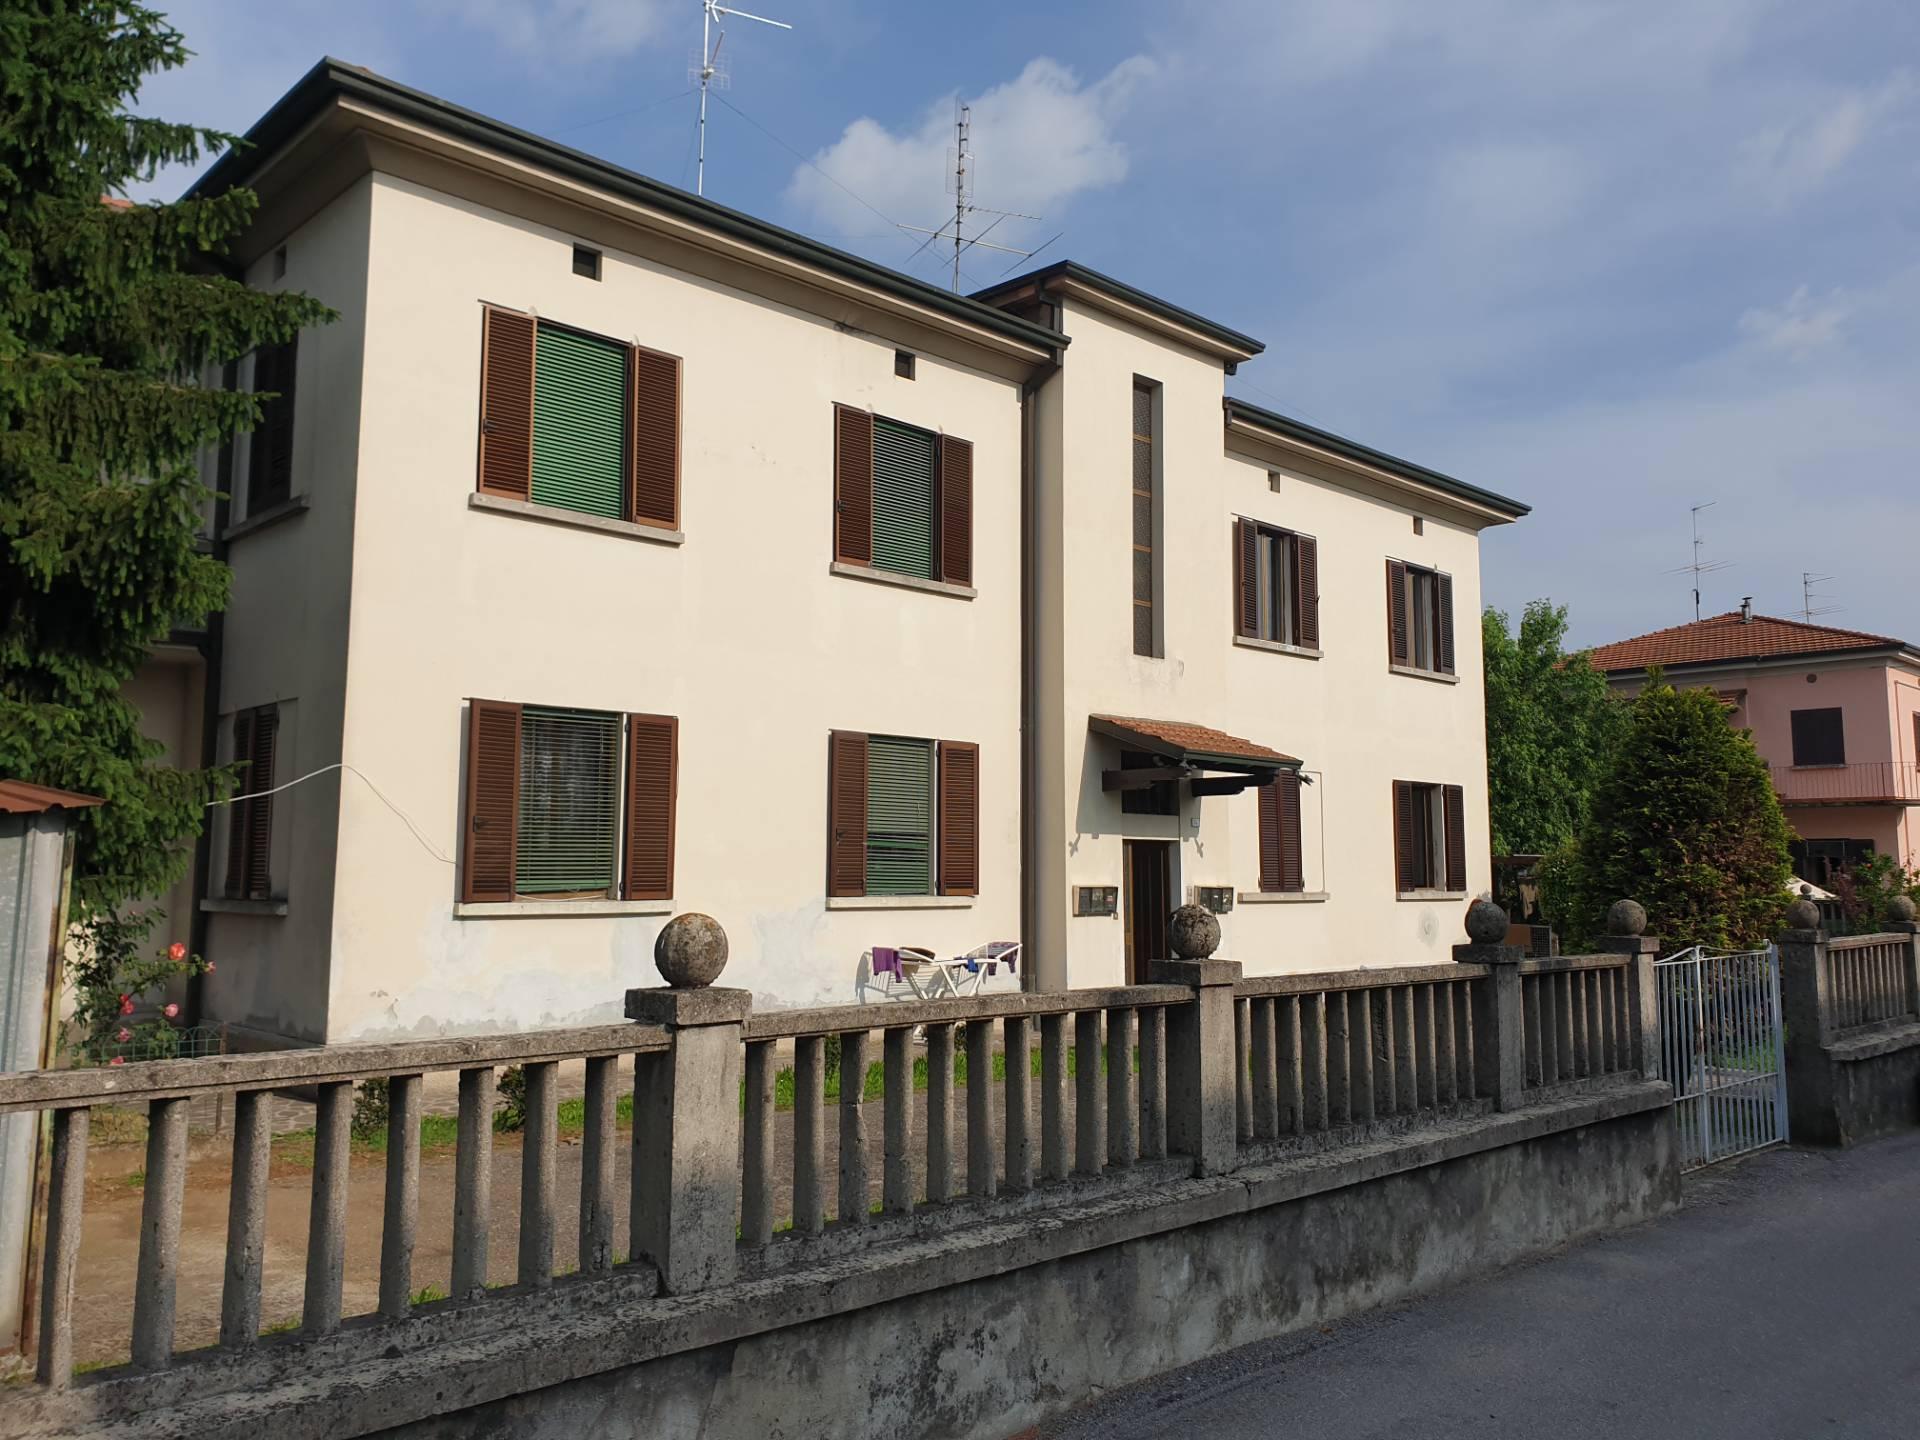 Appartamento in vendita a Palazzolo sull'Oglio, 3 locali, prezzo € 89.900 | PortaleAgenzieImmobiliari.it